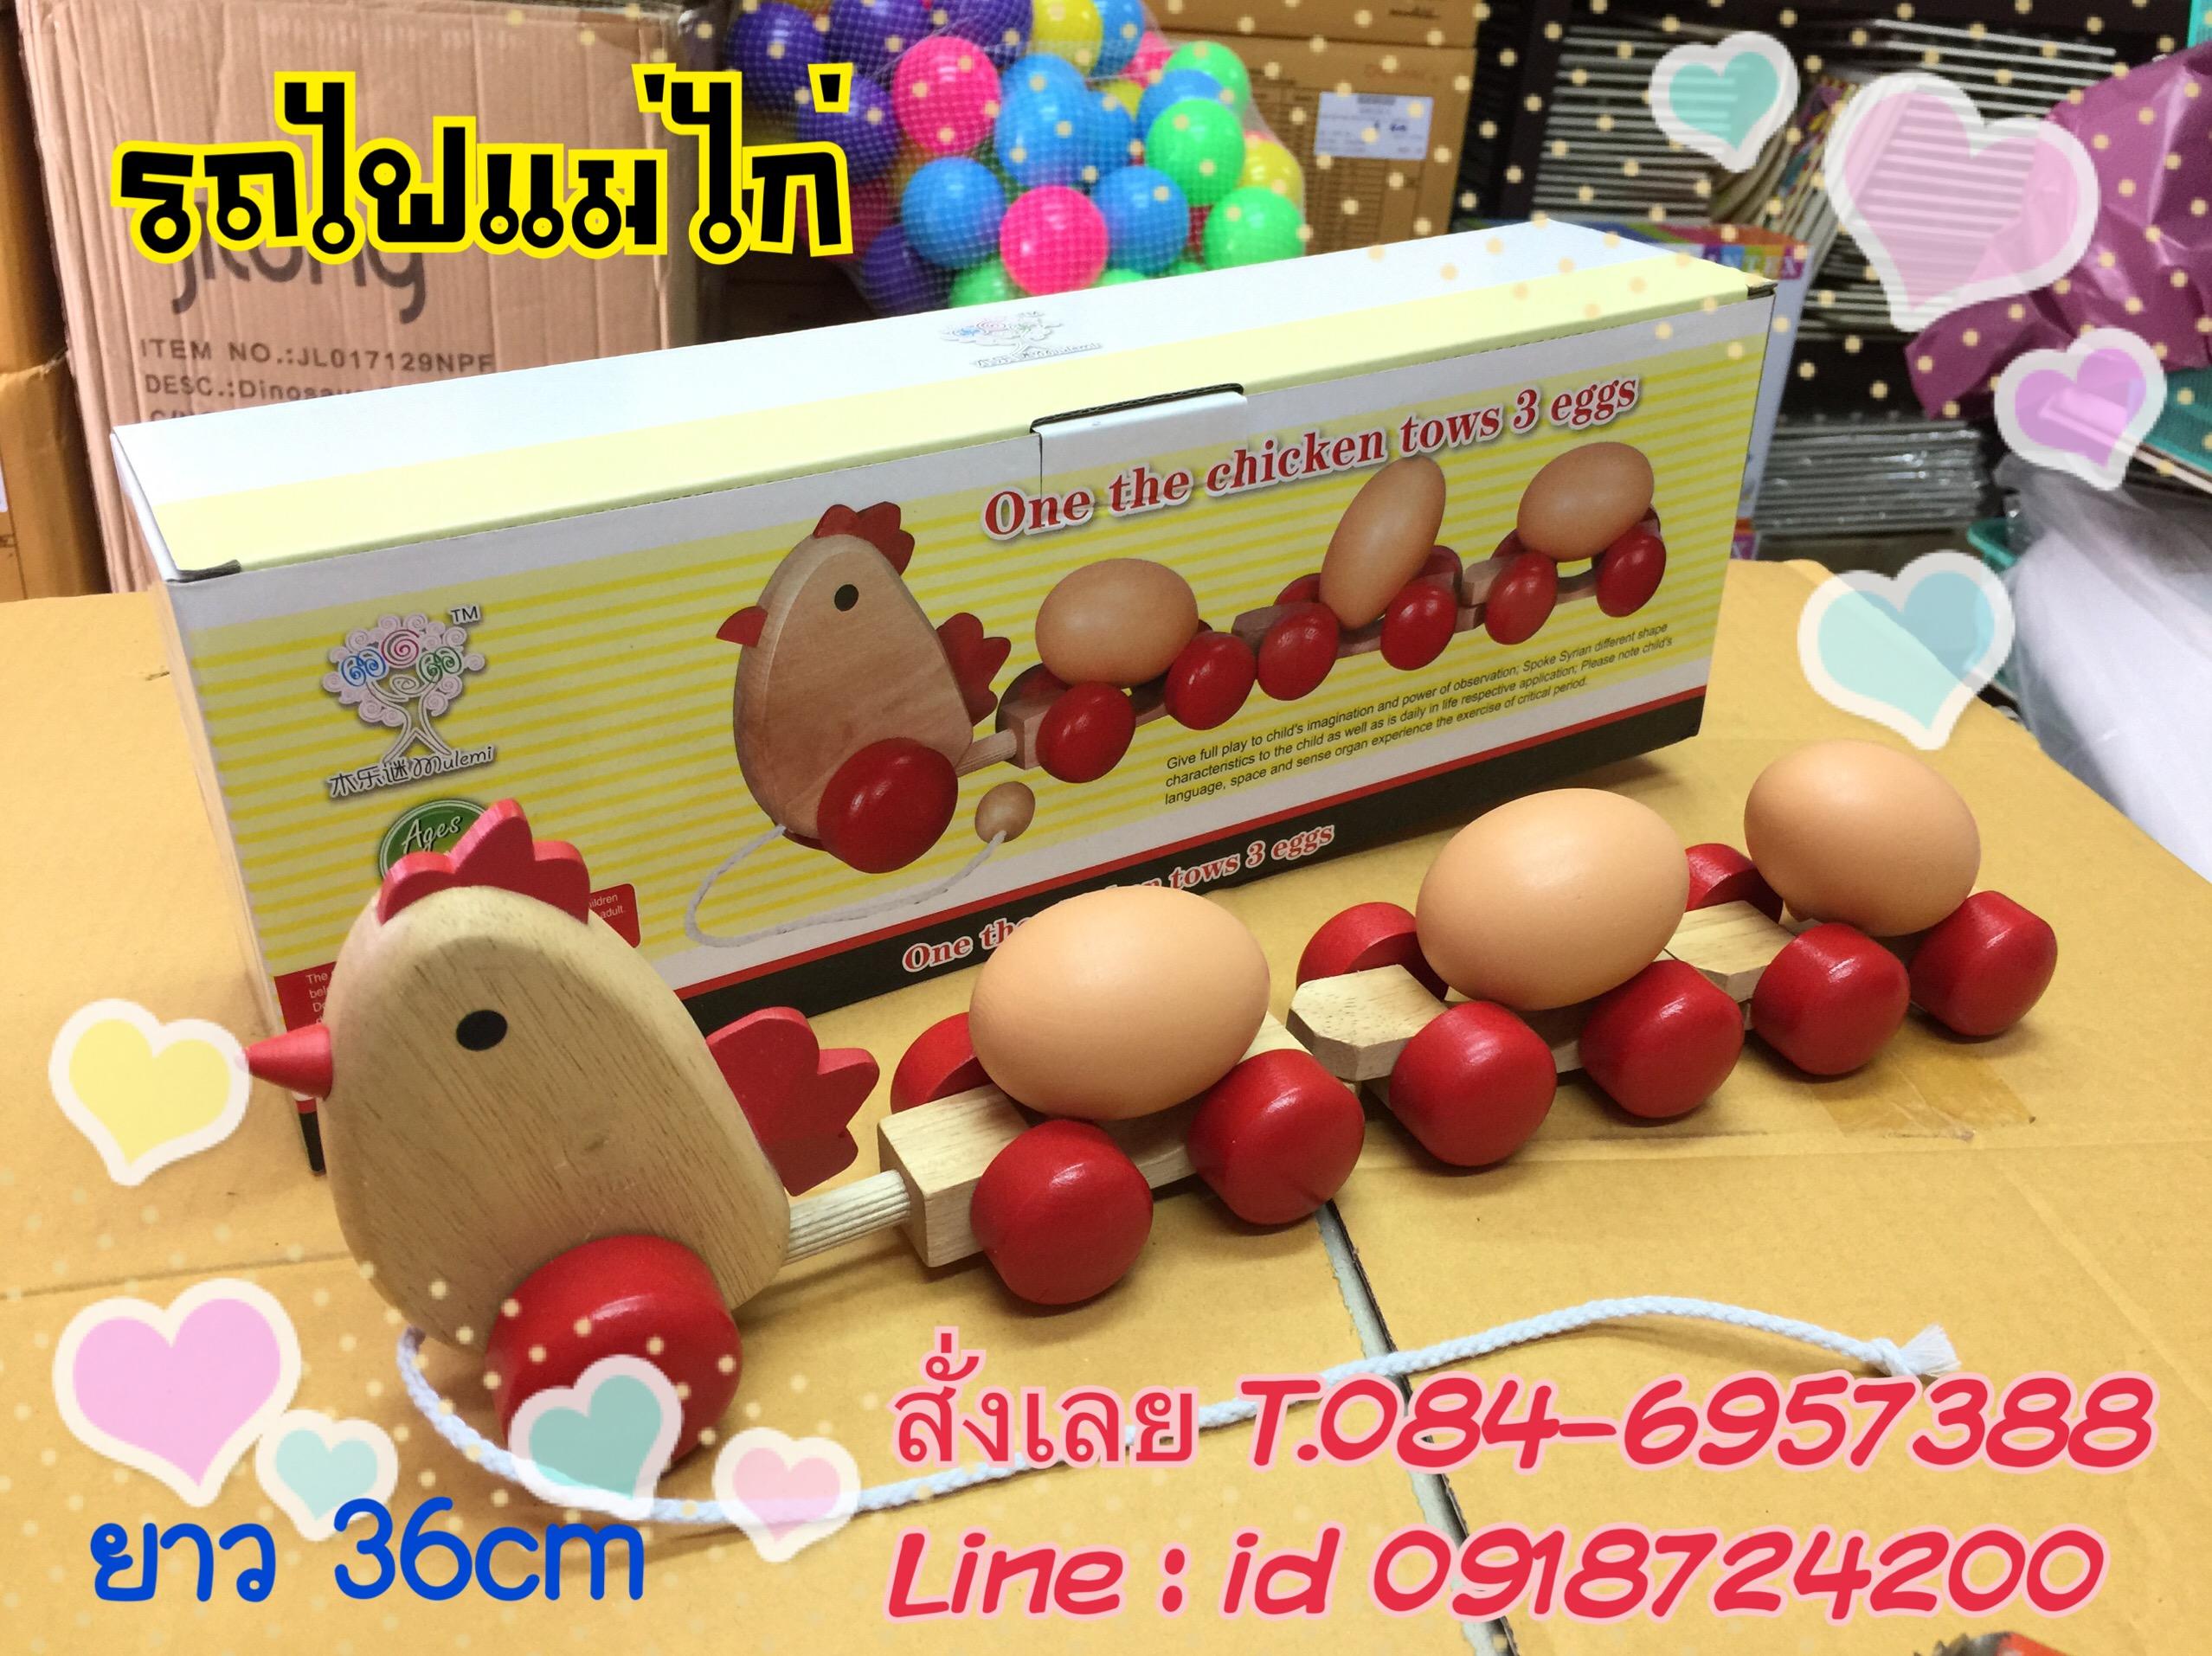 รถไฟไม้แม่ไก่บรรทุกไข่3ฟอง (งานไม้) มีคลิป